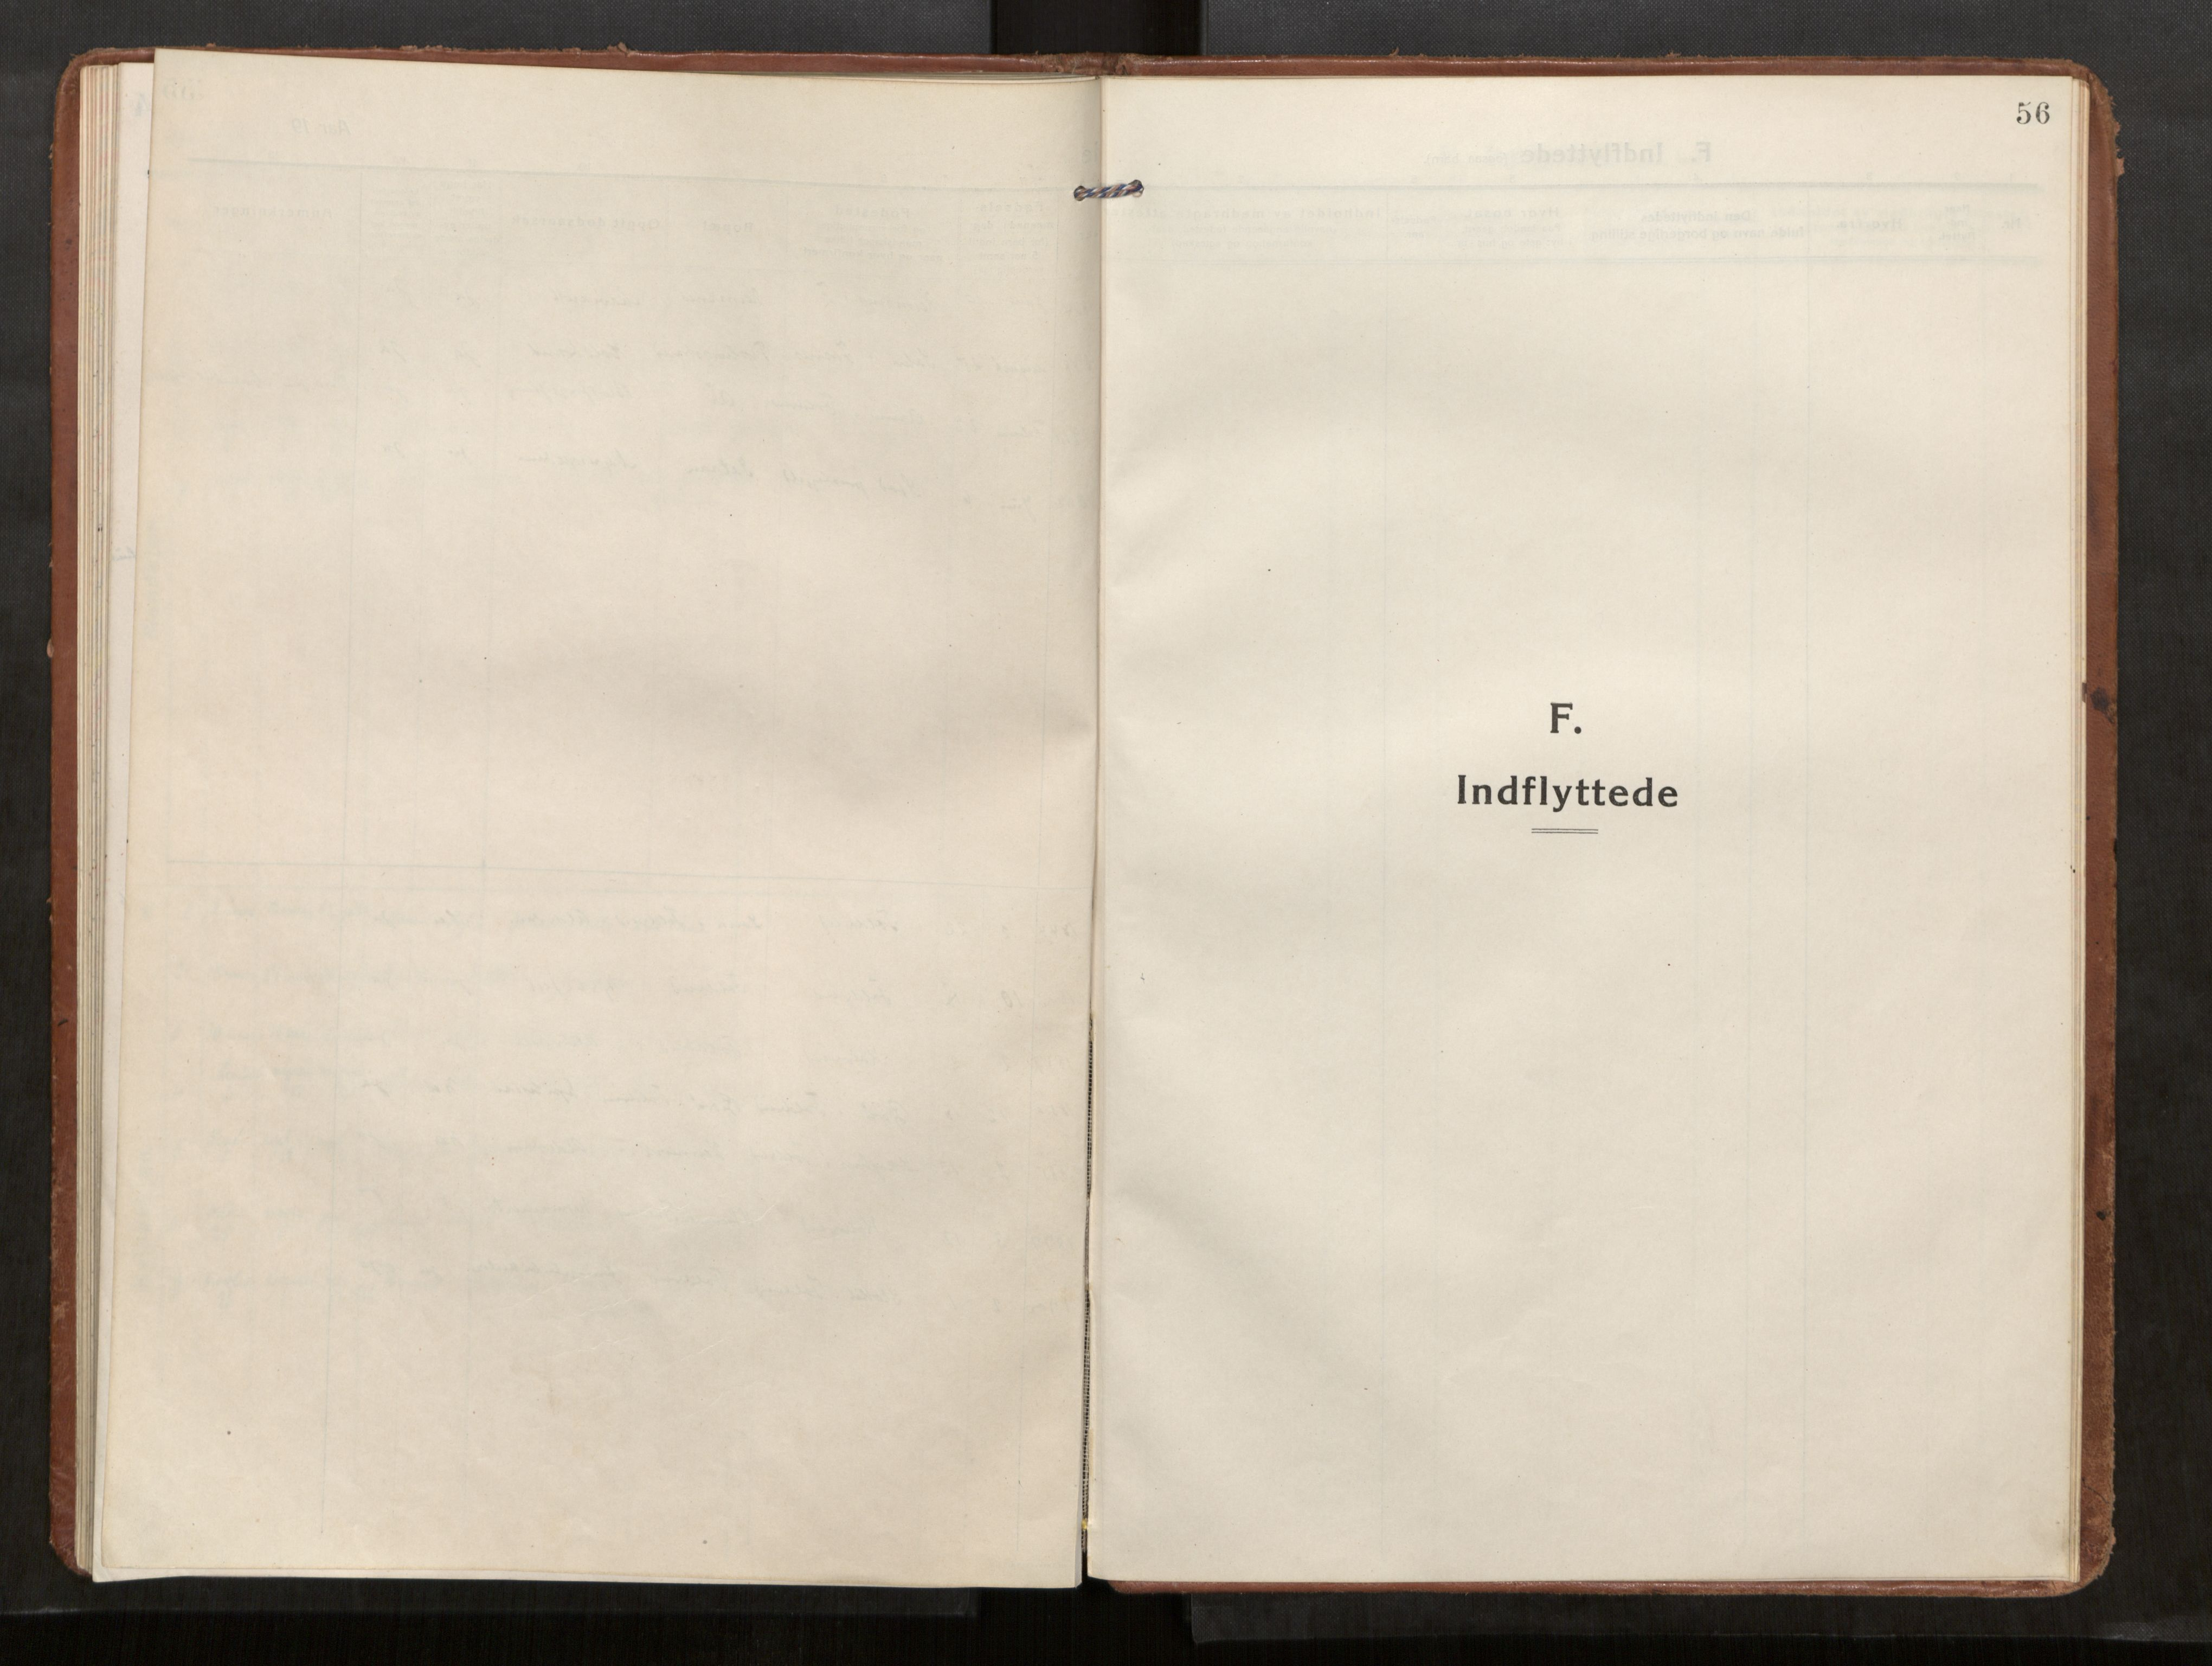 SAT, Kolvereid sokneprestkontor, H/Ha/Haa/L0002: Parish register (official) no. 2, 1914-1926, p. 56